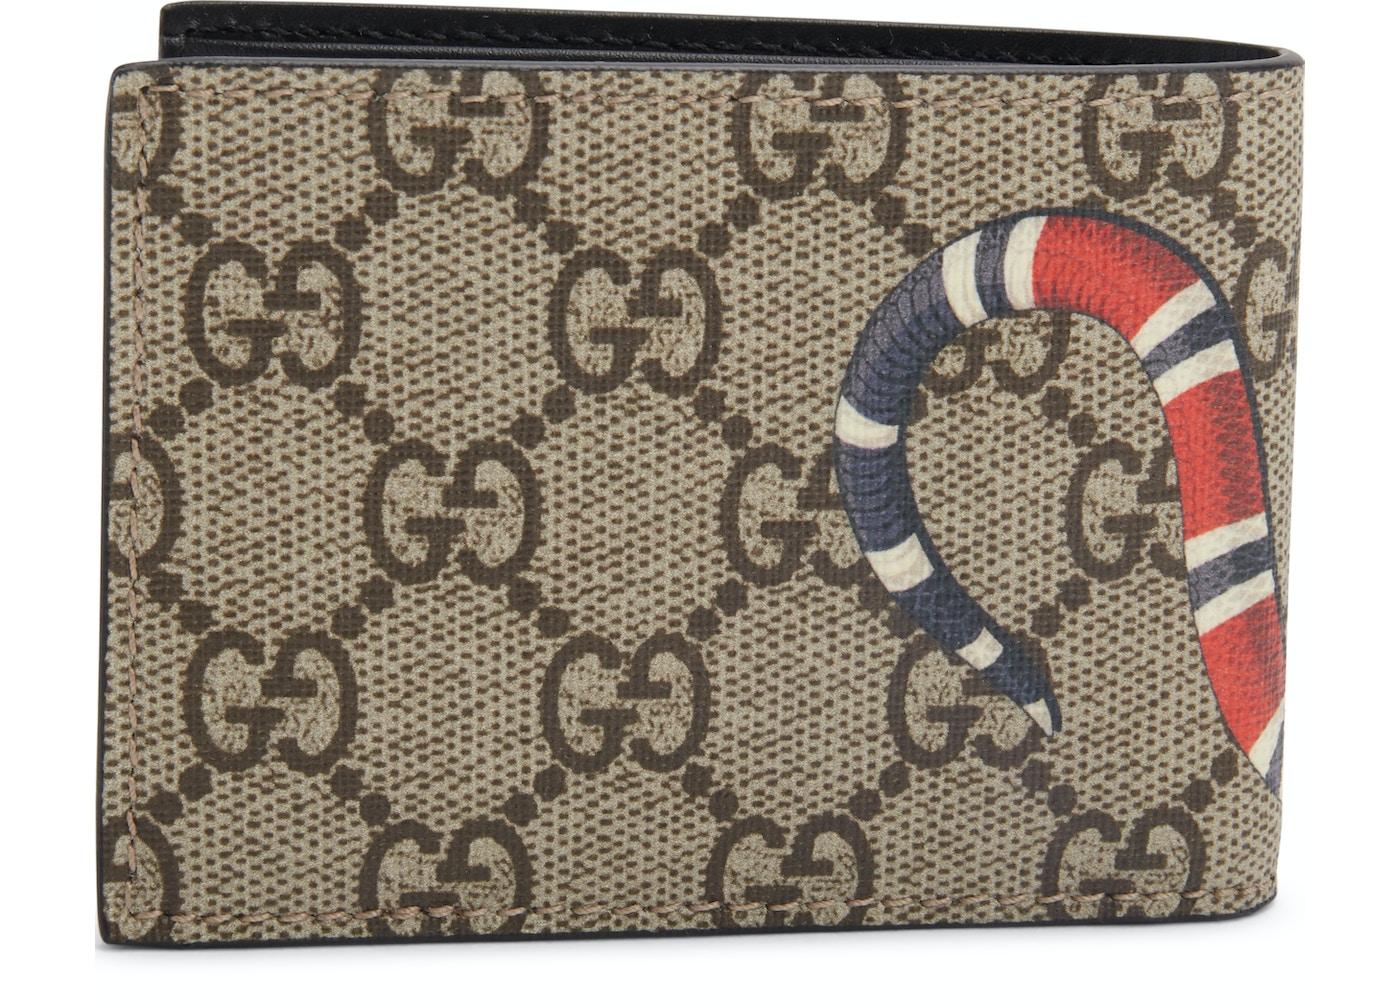 35251755685039 Gucci Bifold Wallet GG Supreme Kingsnake (4 Card Slots) Beige